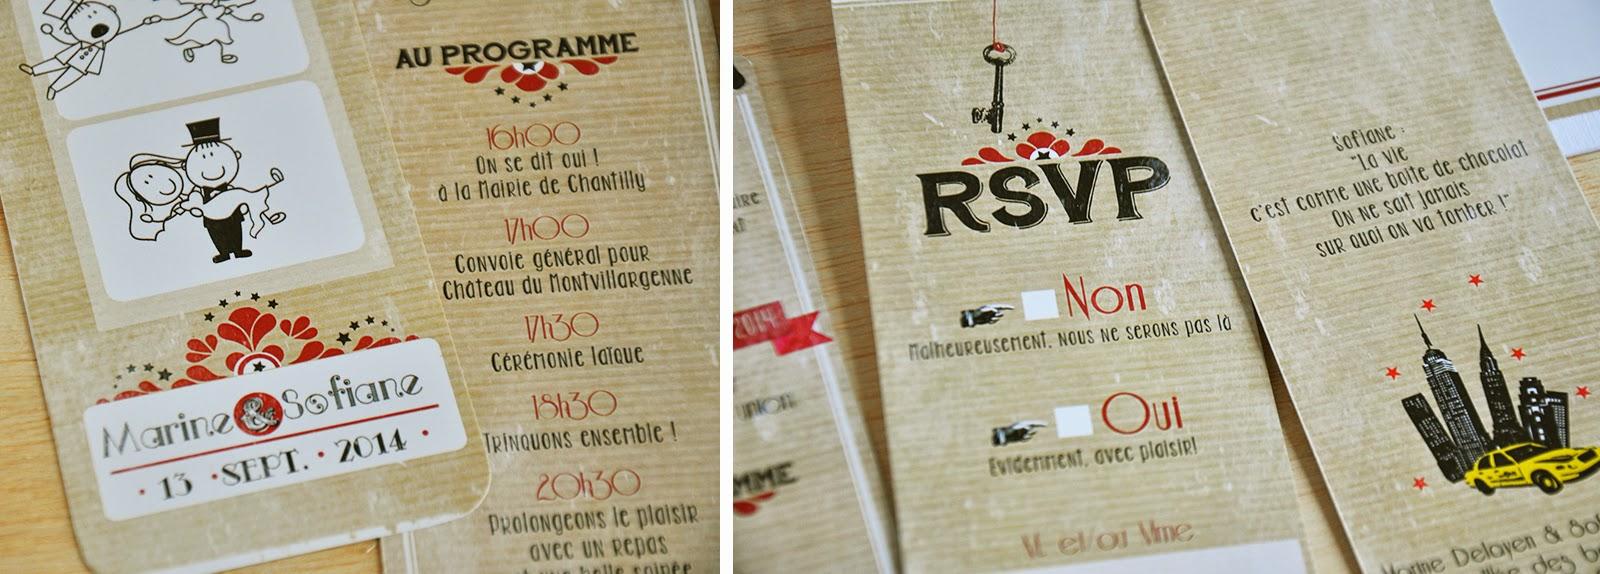 Connu Arrête de Rêver - Faire-part: Mariage Marine & Sofiane  IW37